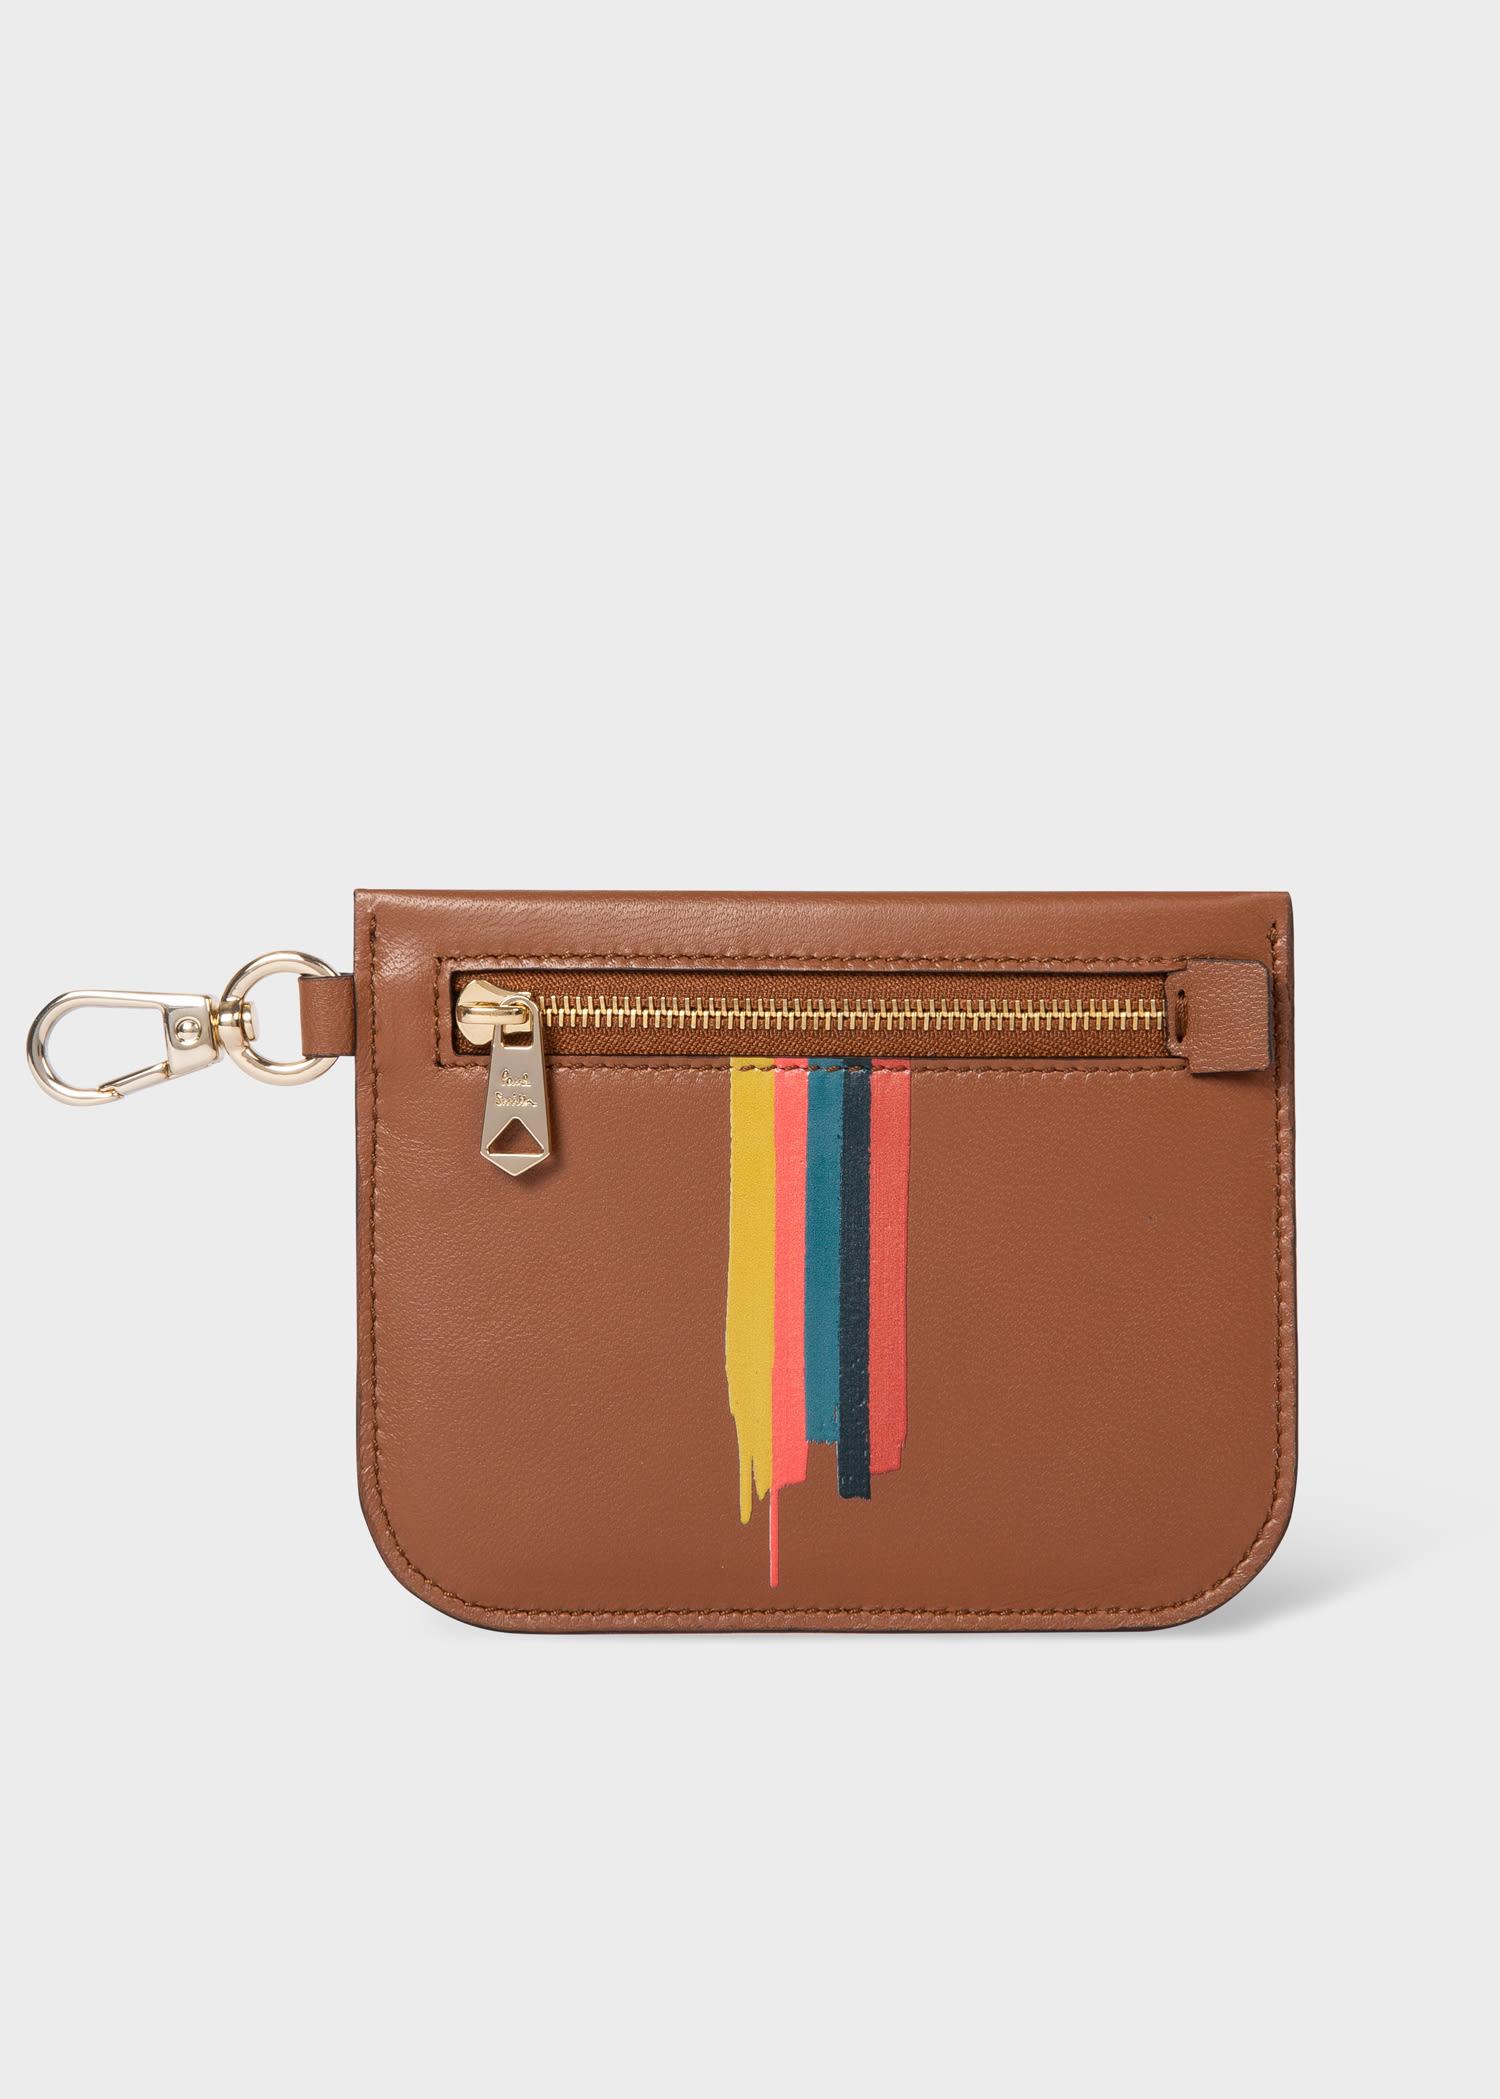 폴 스미스 파우치 Paul Smith Tan Leather Painted Stripe Pouch